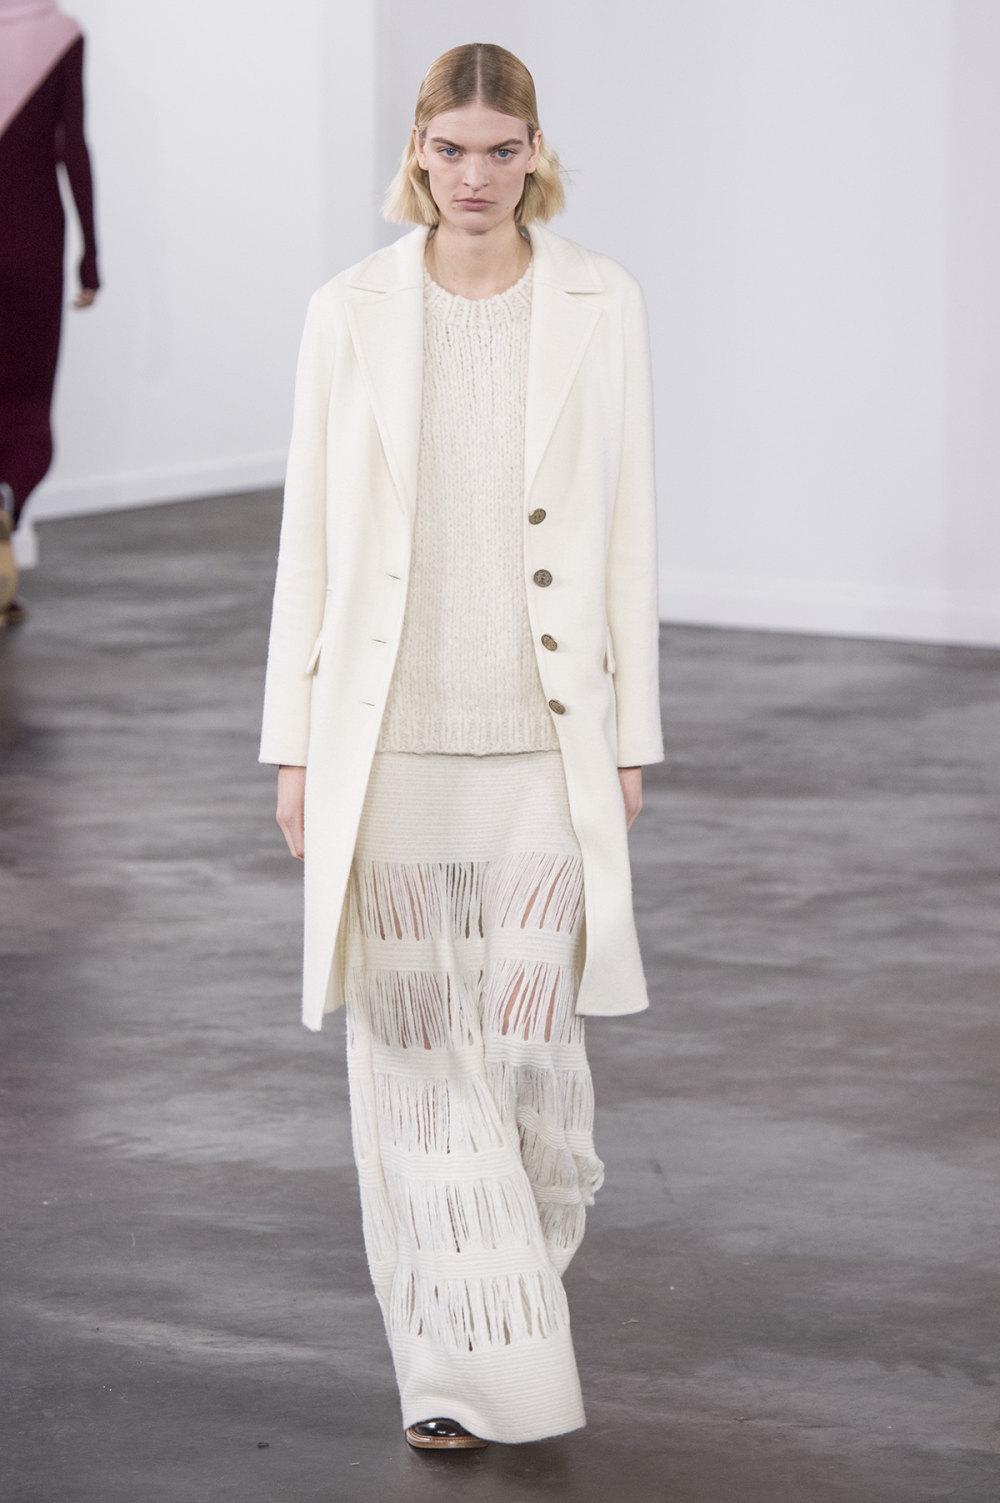 Gabriela Hearst时装系列细条纹西装和宽大毛衣之间形成鲜明对比-24.jpg